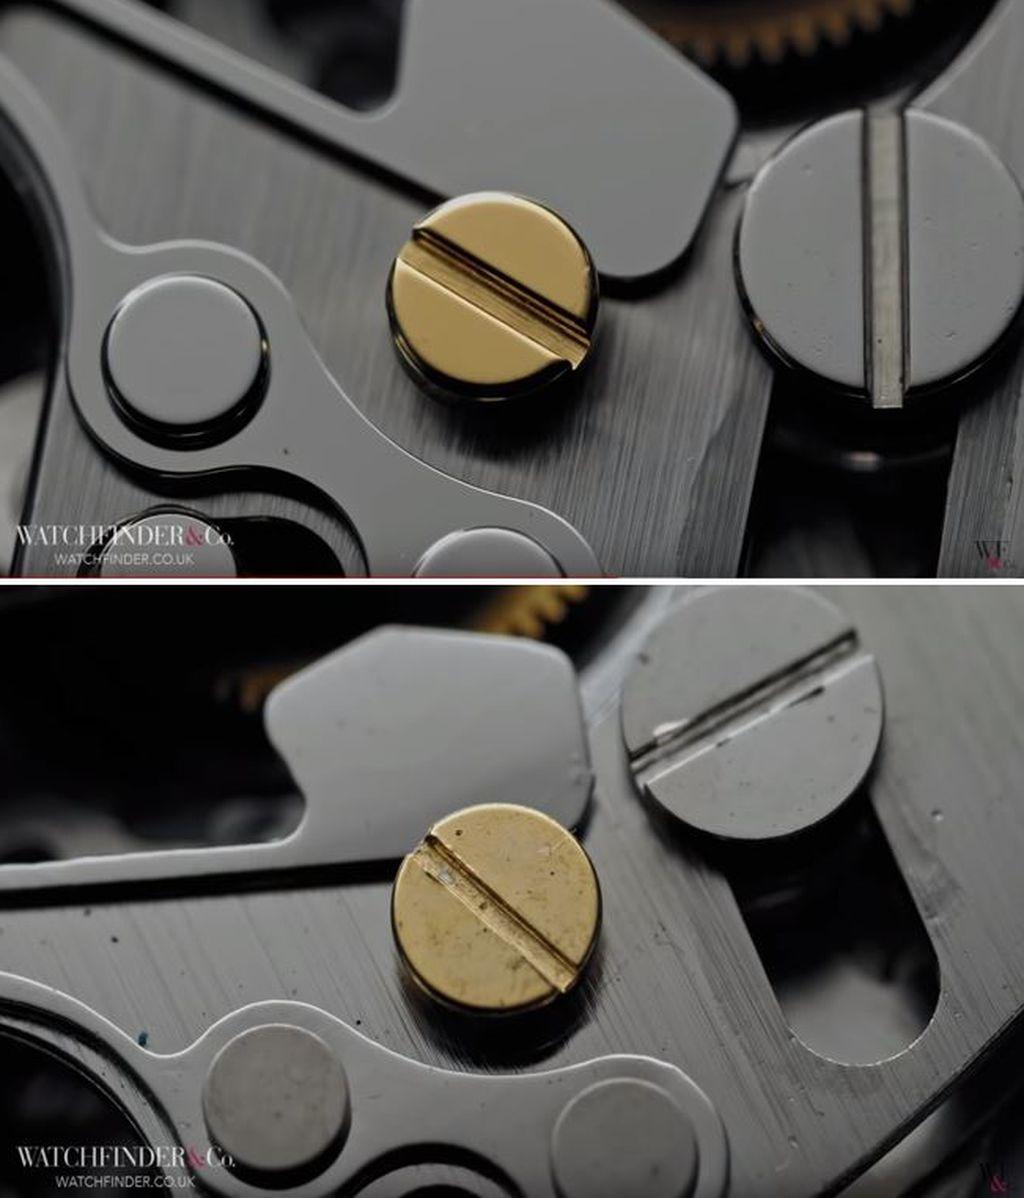 Detalles interiores del Rolex Daytona y una falsificación